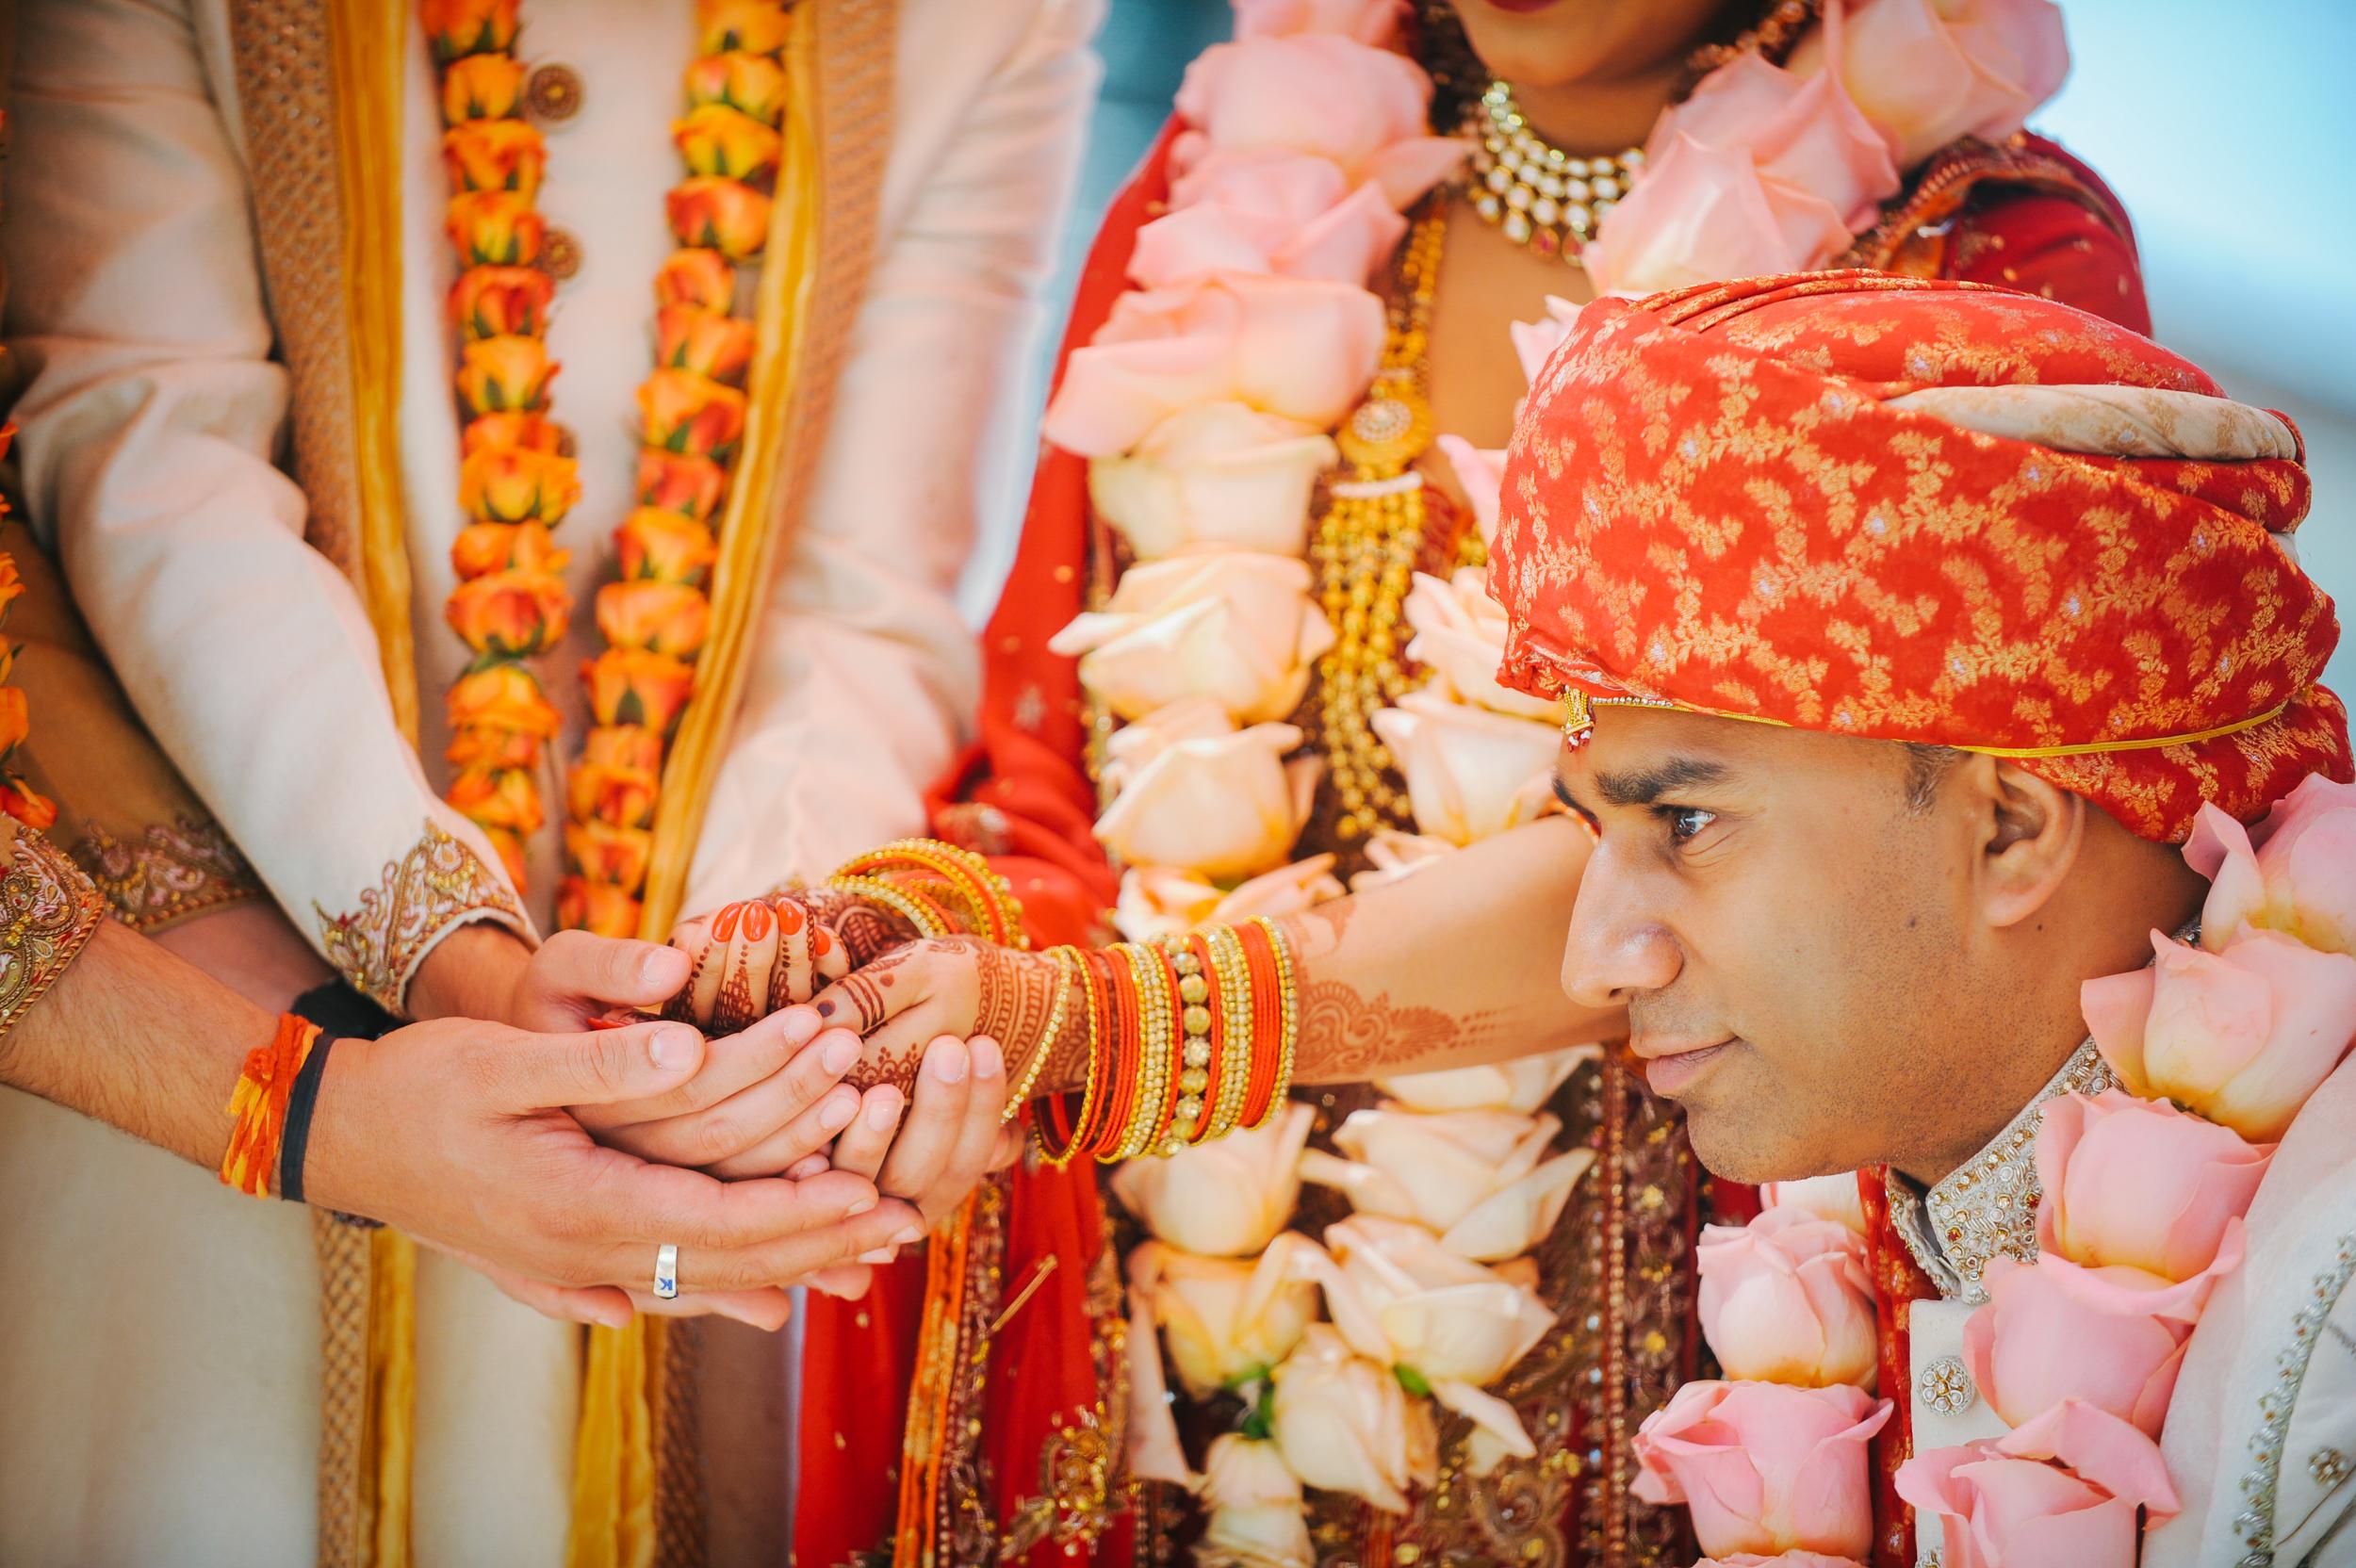 JKP_Indian_Weddings_0100.JPG